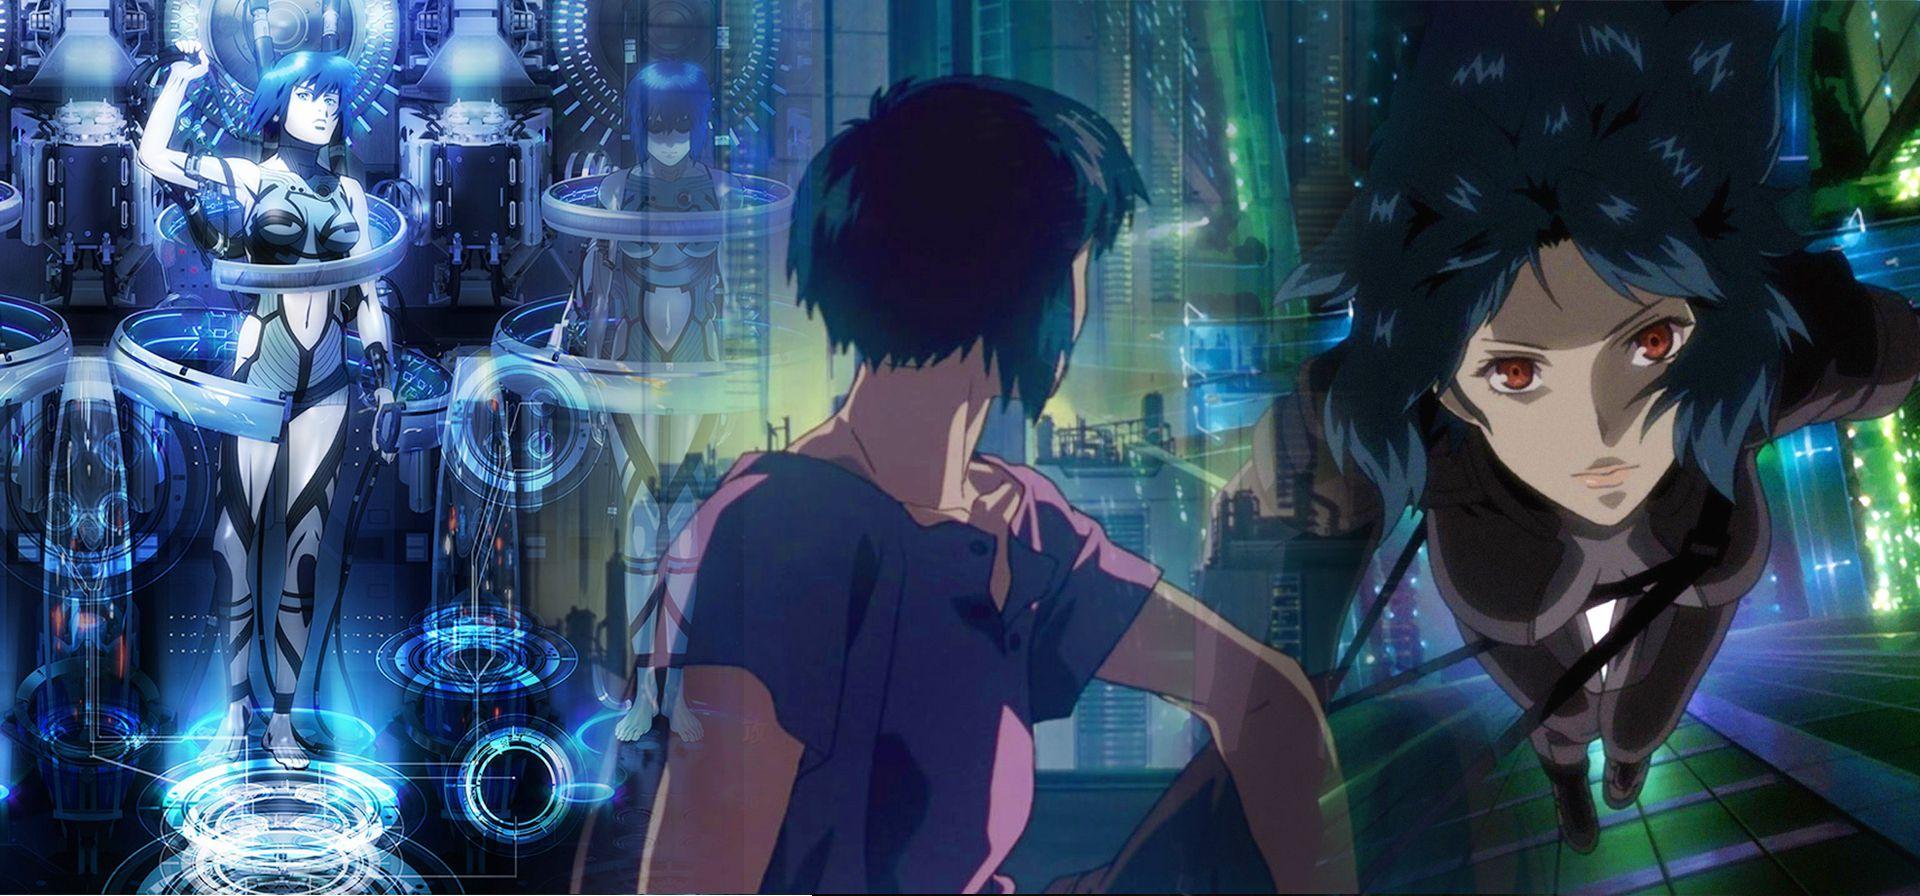 Top 10 anime viễn tưởng hay nhất mọi thời đại không thể bỏ qua (1